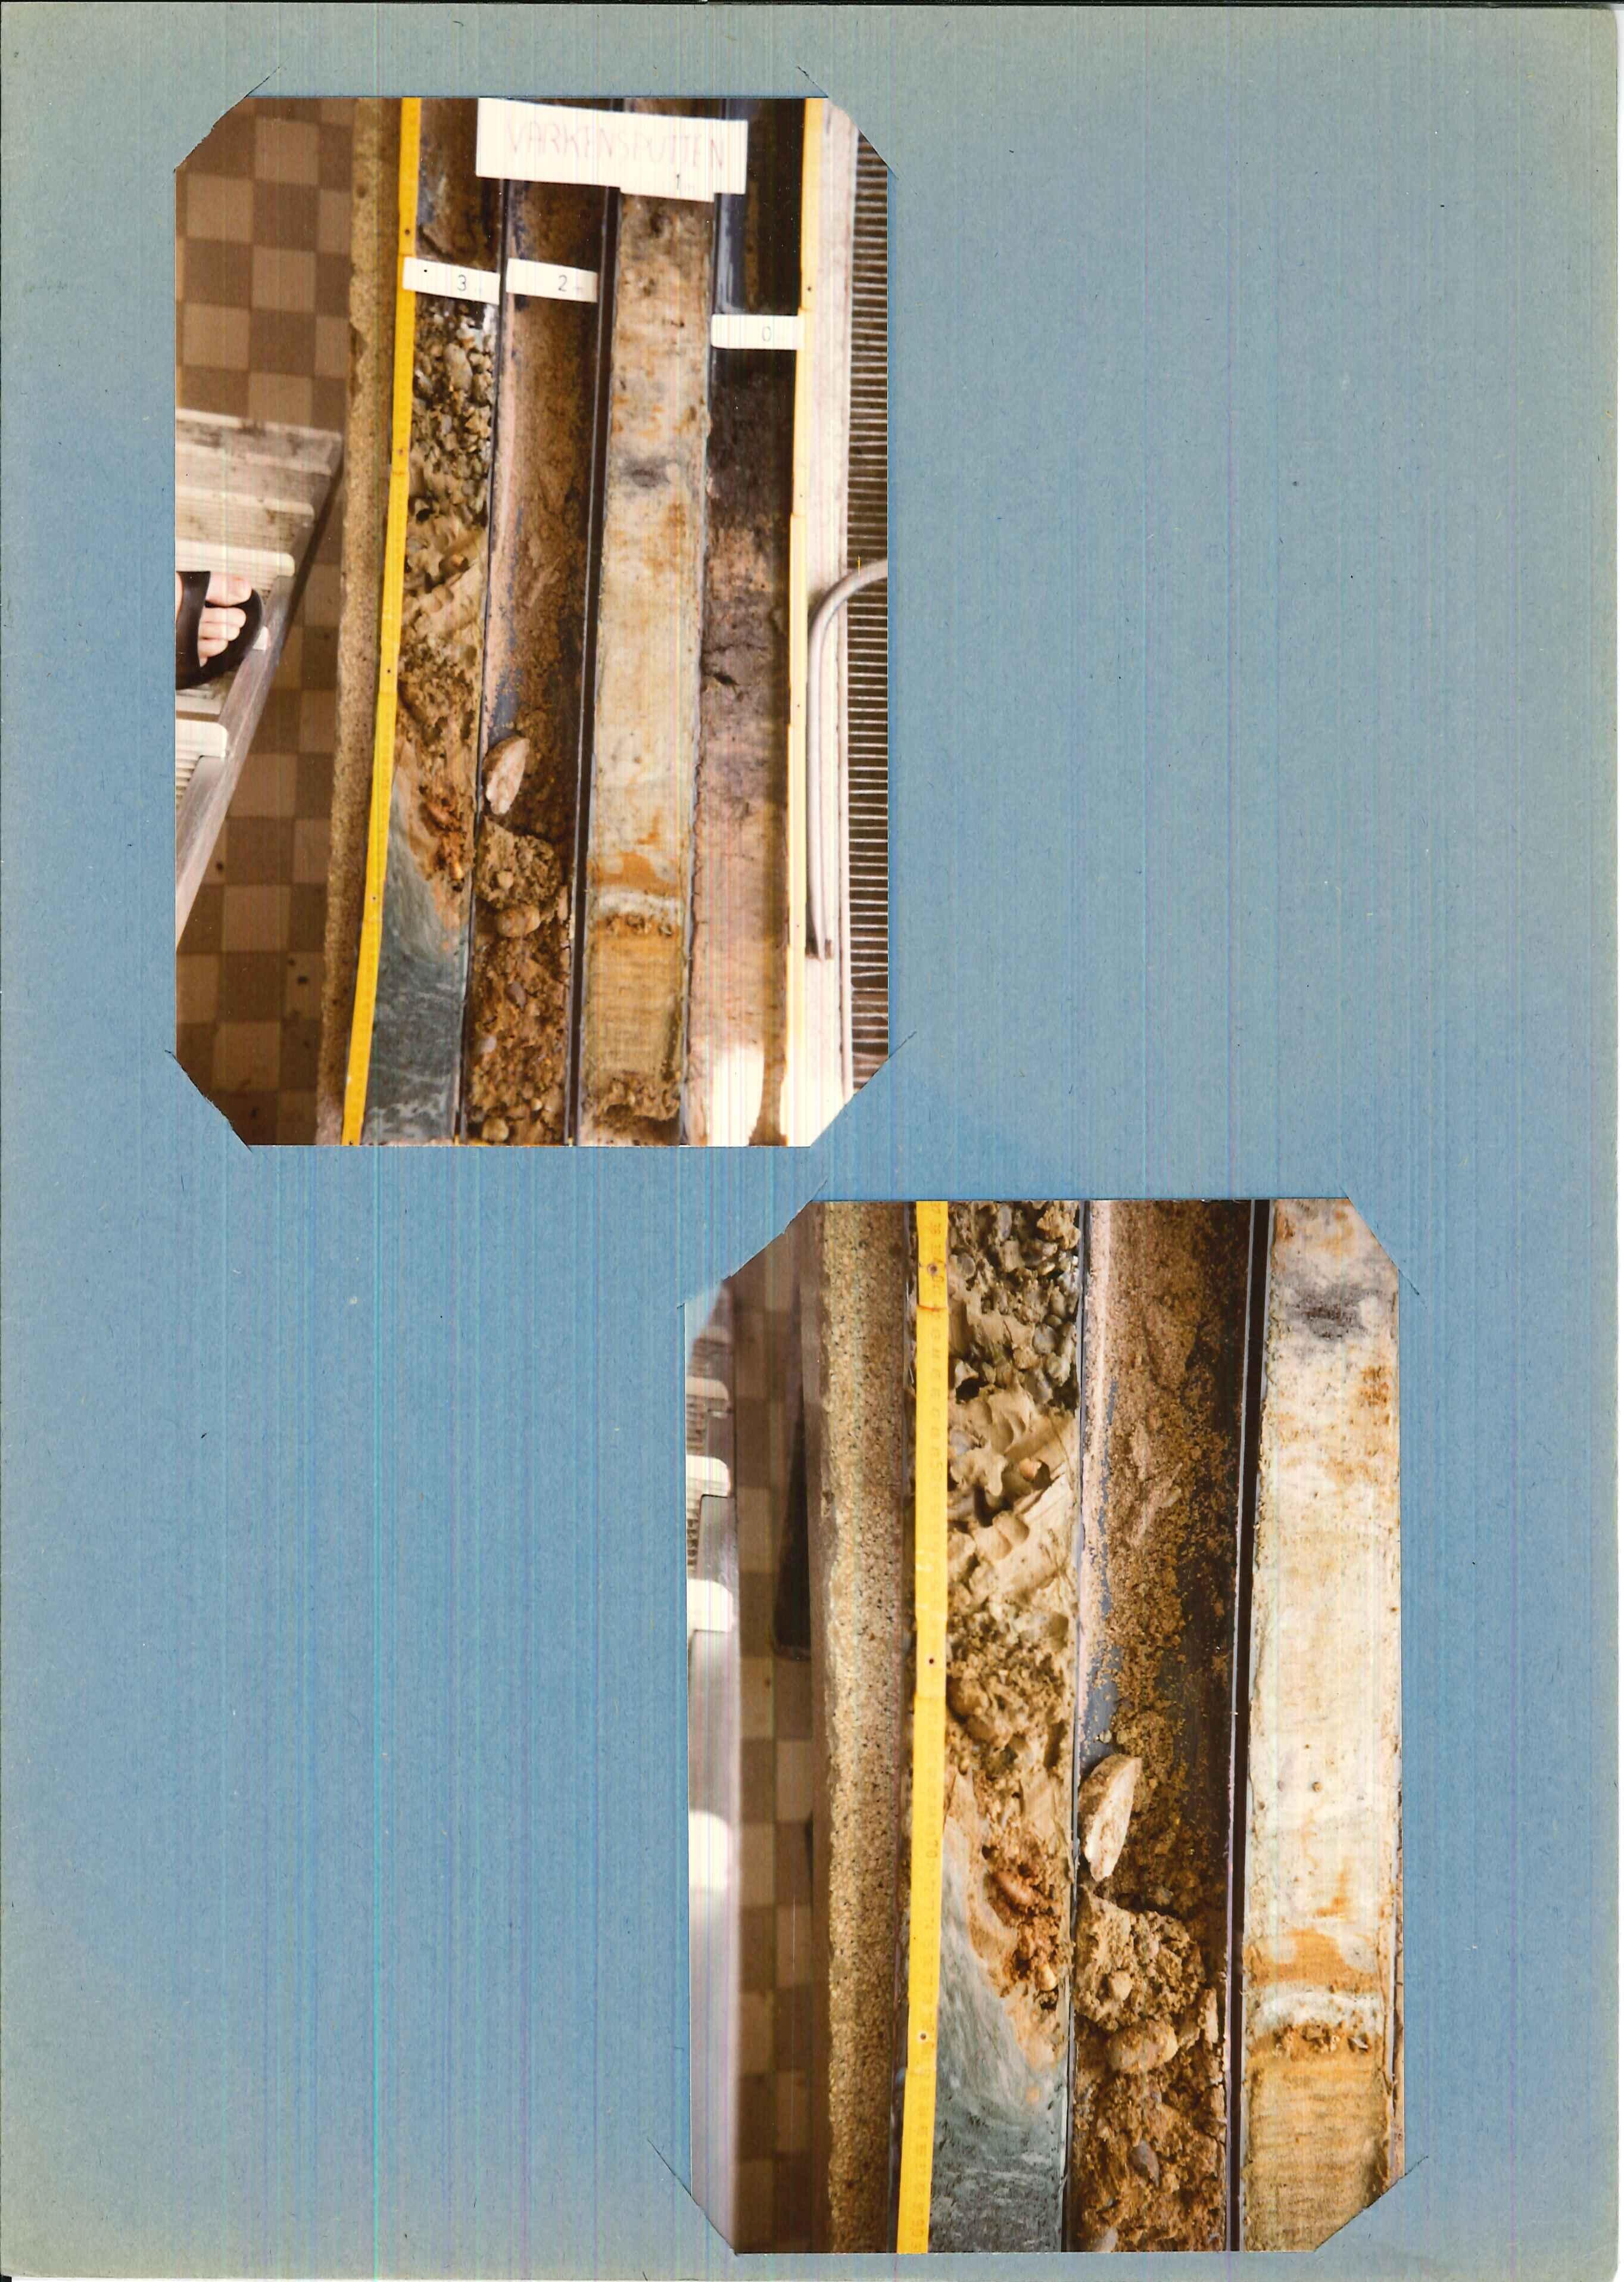 073W0257 Varkensputten.jpg